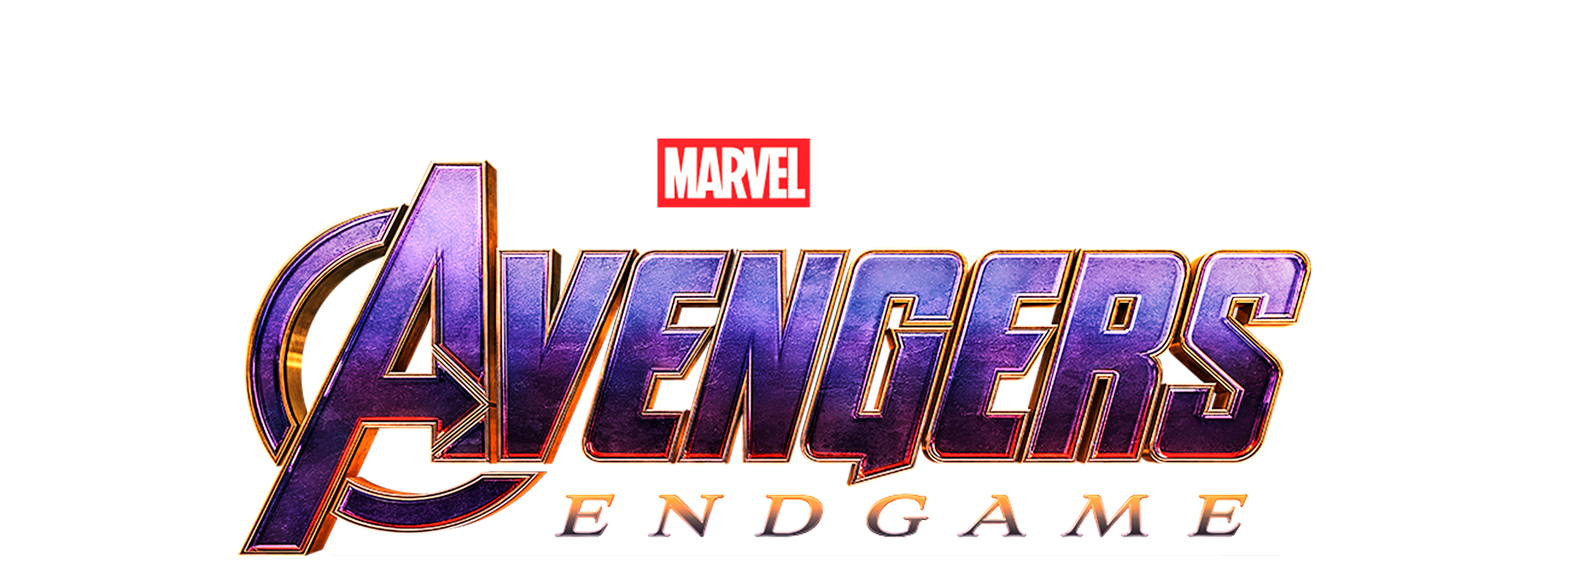 avenger-endgame-text-png